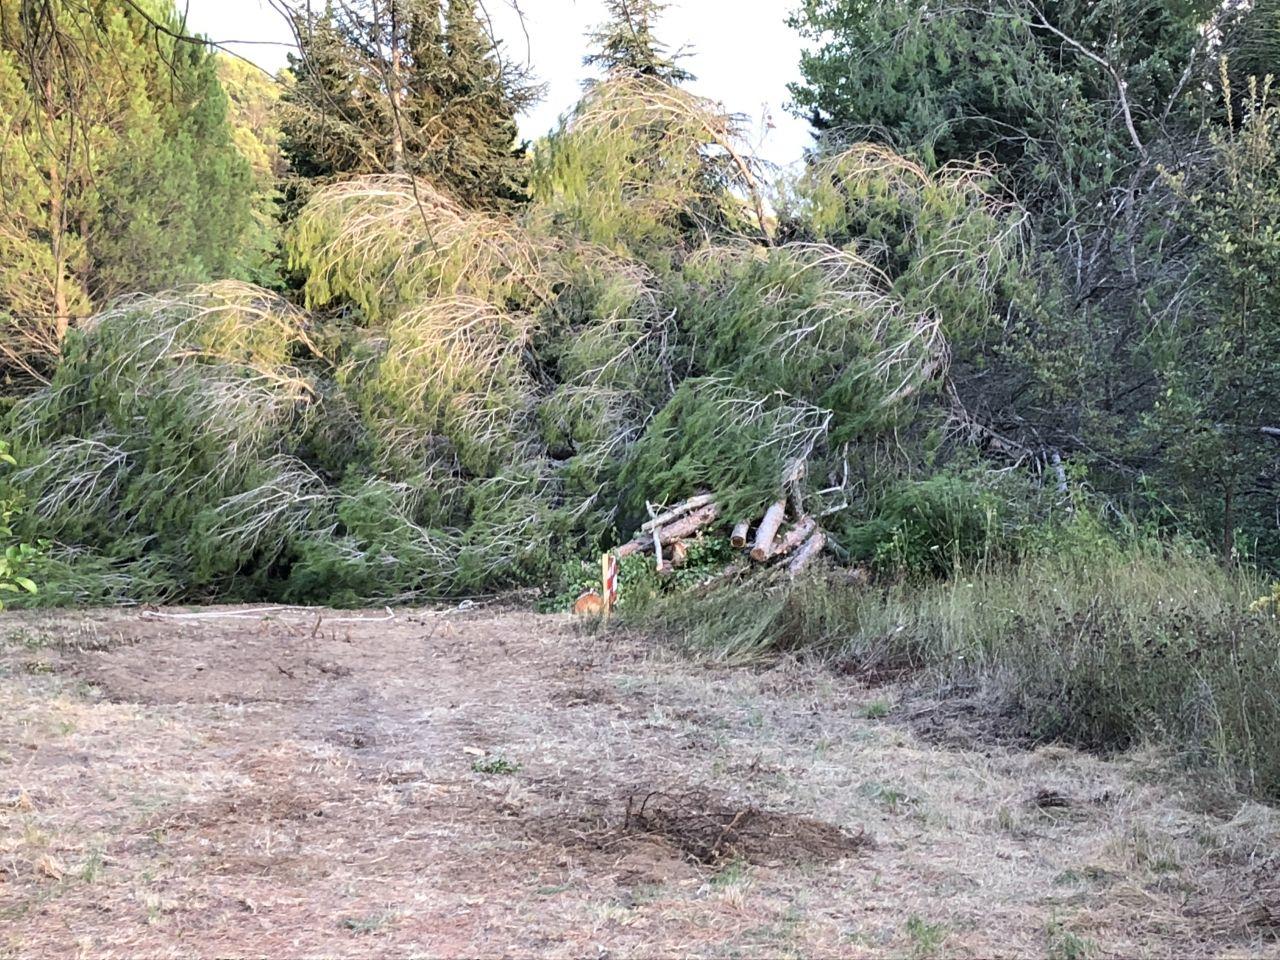 16 mètres de hauteur pour ce pin, mais nous n'avions pas le choix que de l'abattre